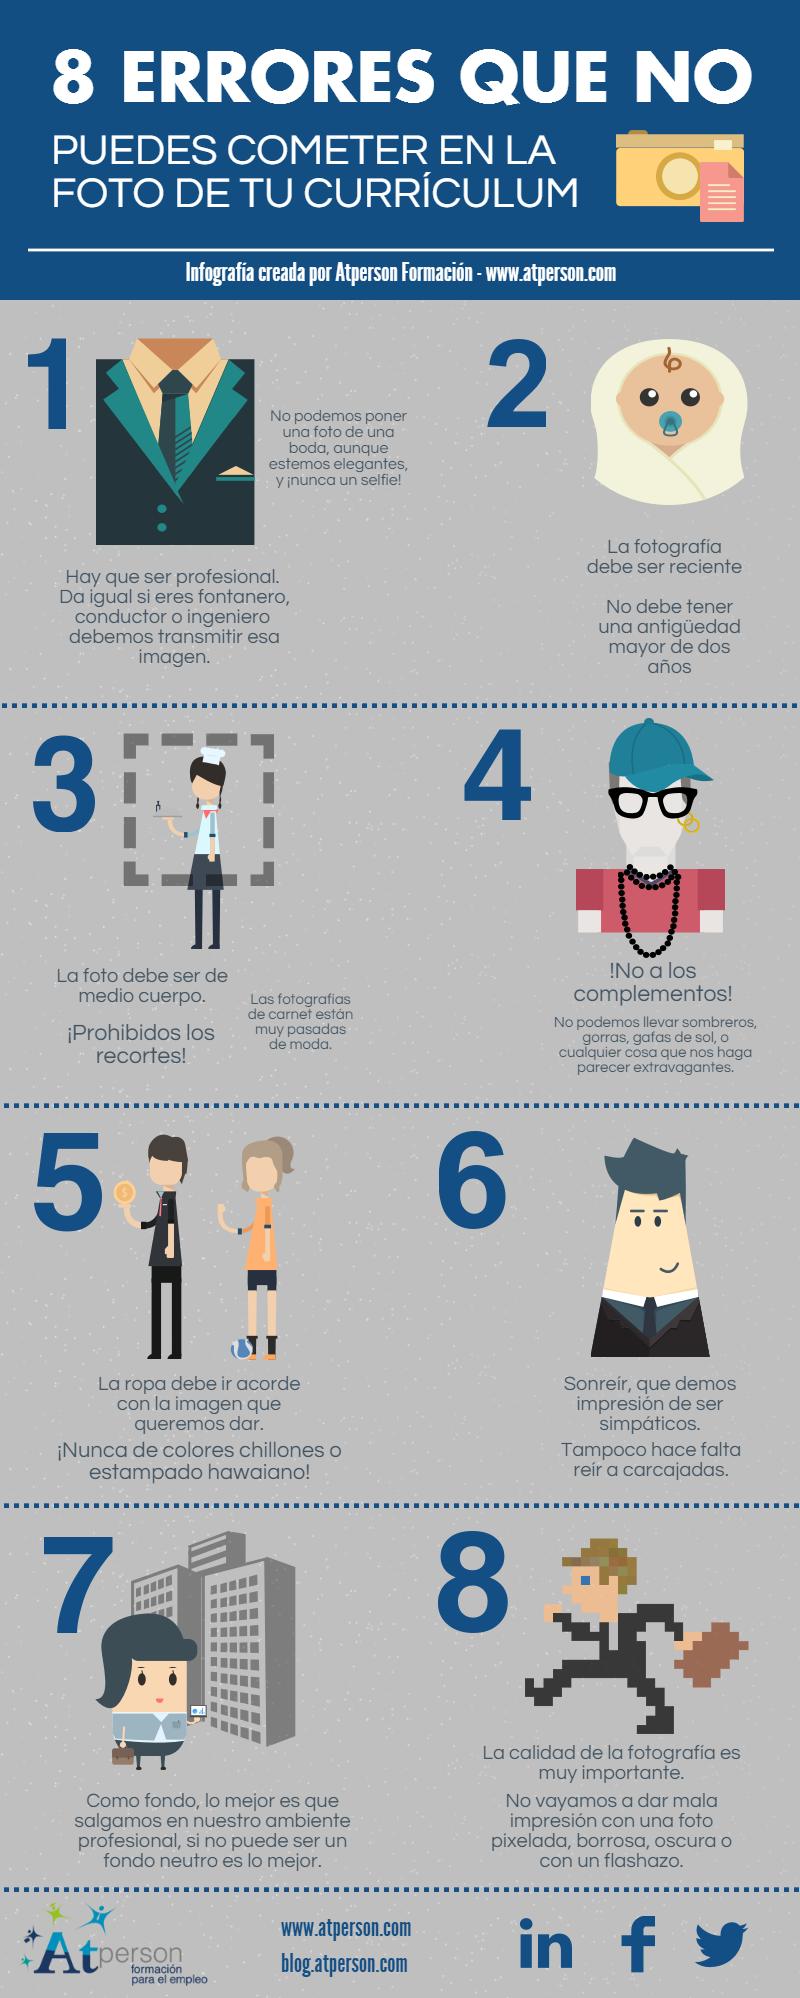 8 errores que no puedes cometer en la foto de tu Curriculum